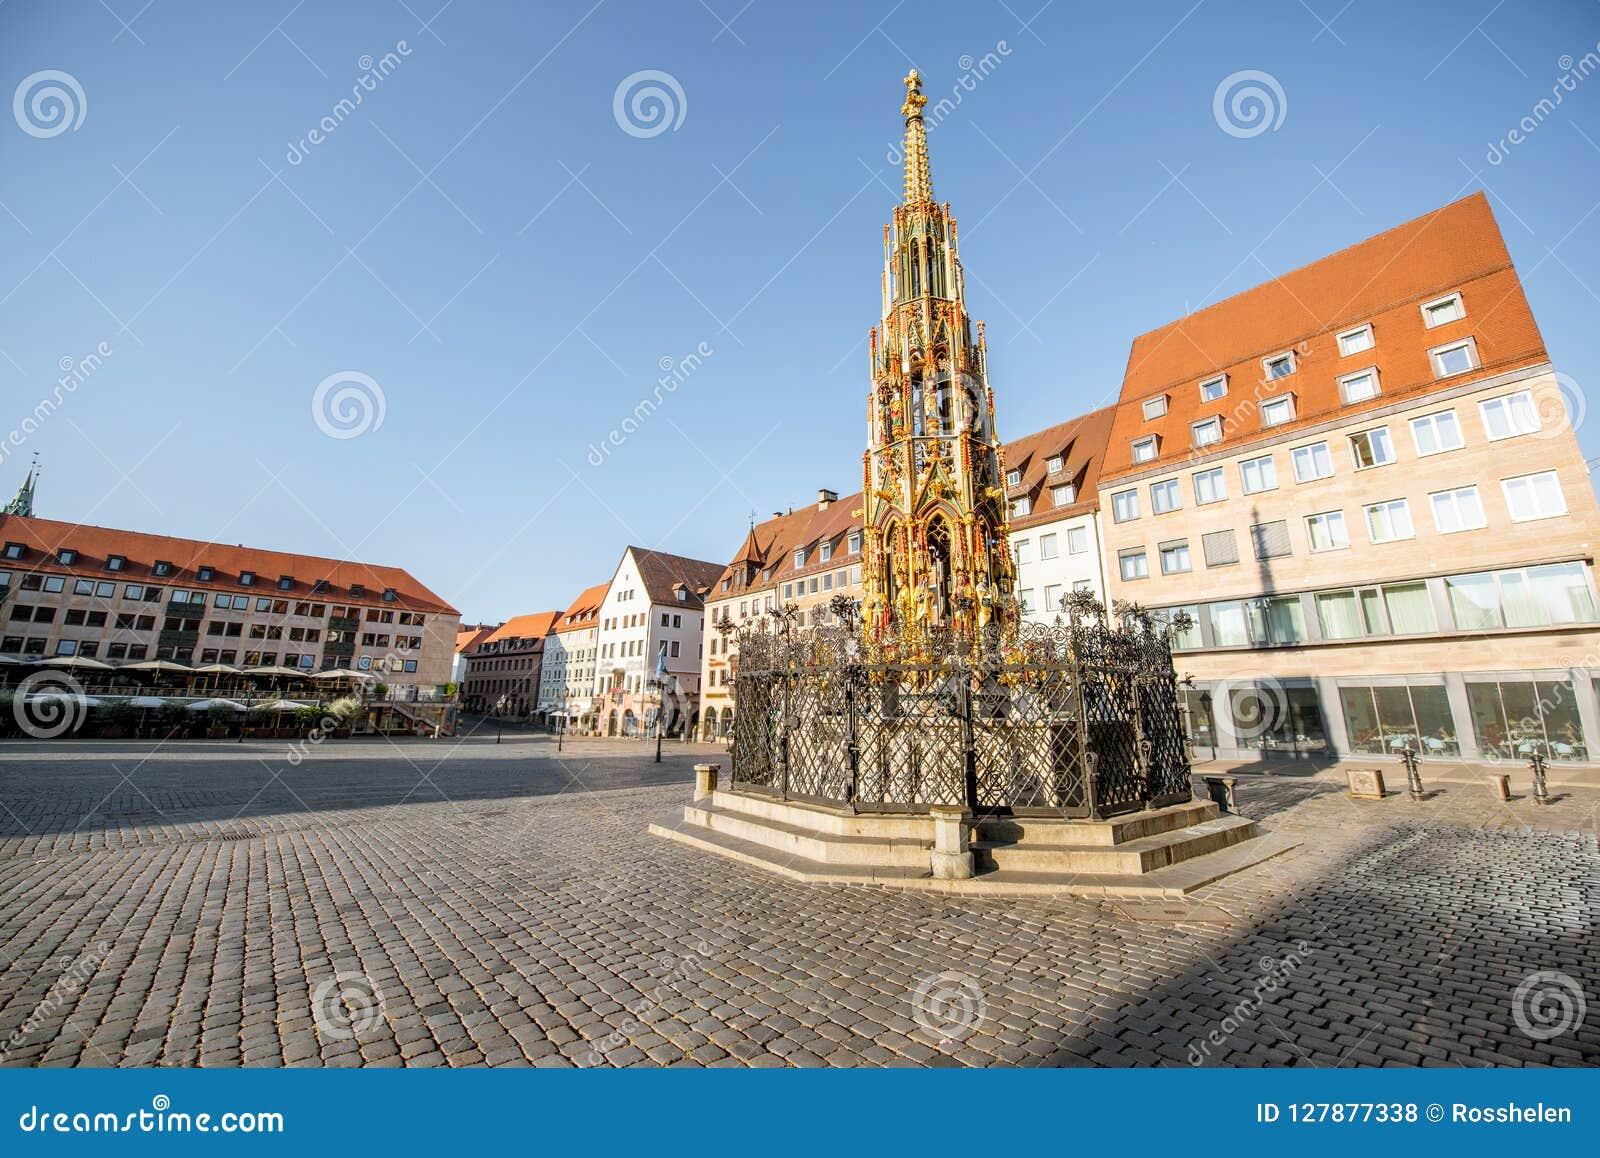 Quadrato centrale di vecchia città in Nurnberg, Germania